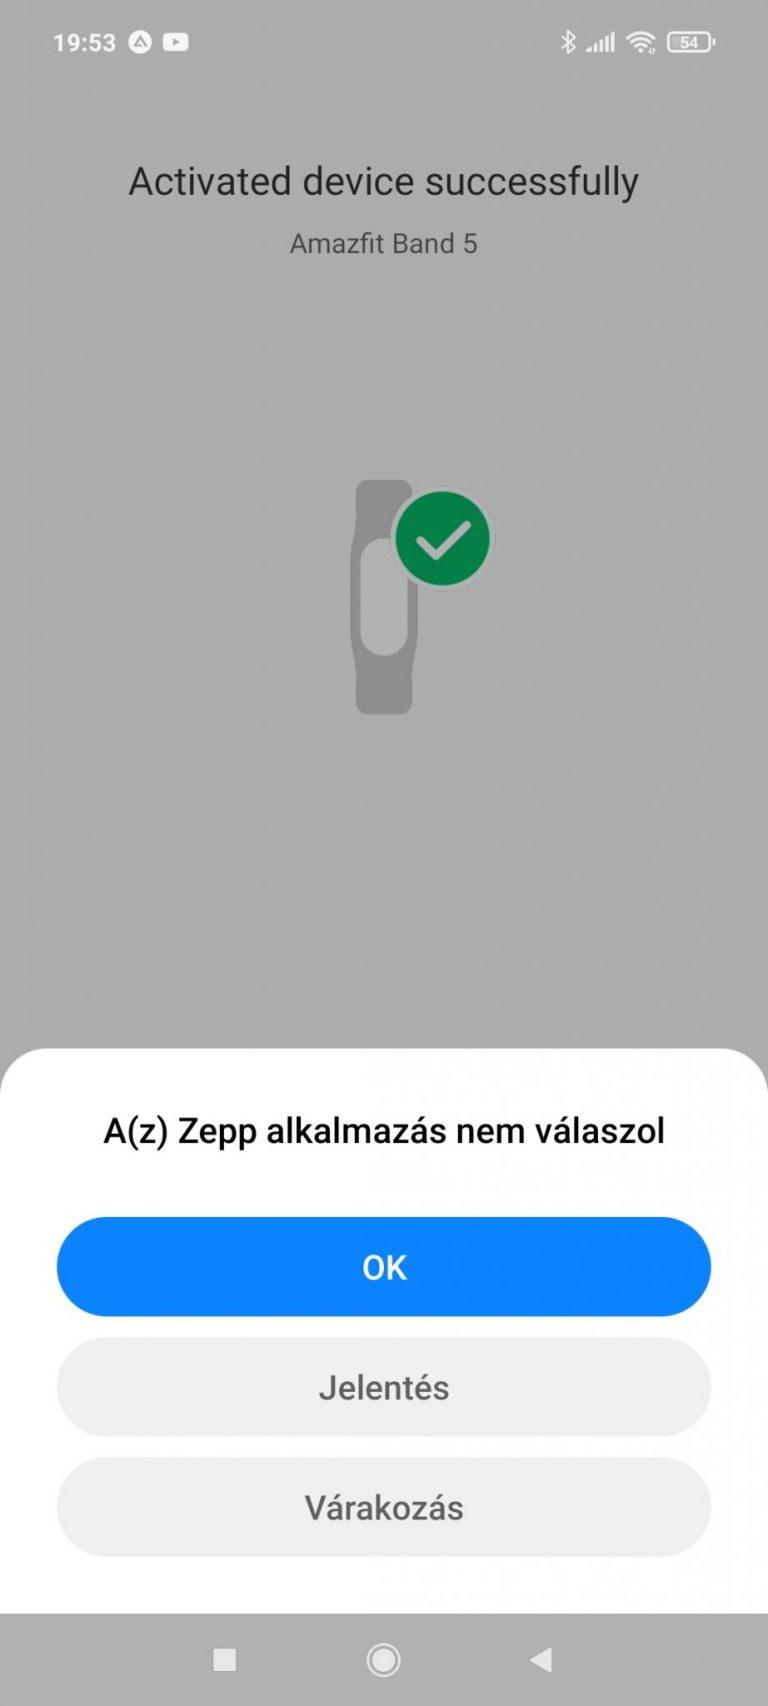 Xiaomi Amazfit Band 5 aktivitásmérő teszt 11